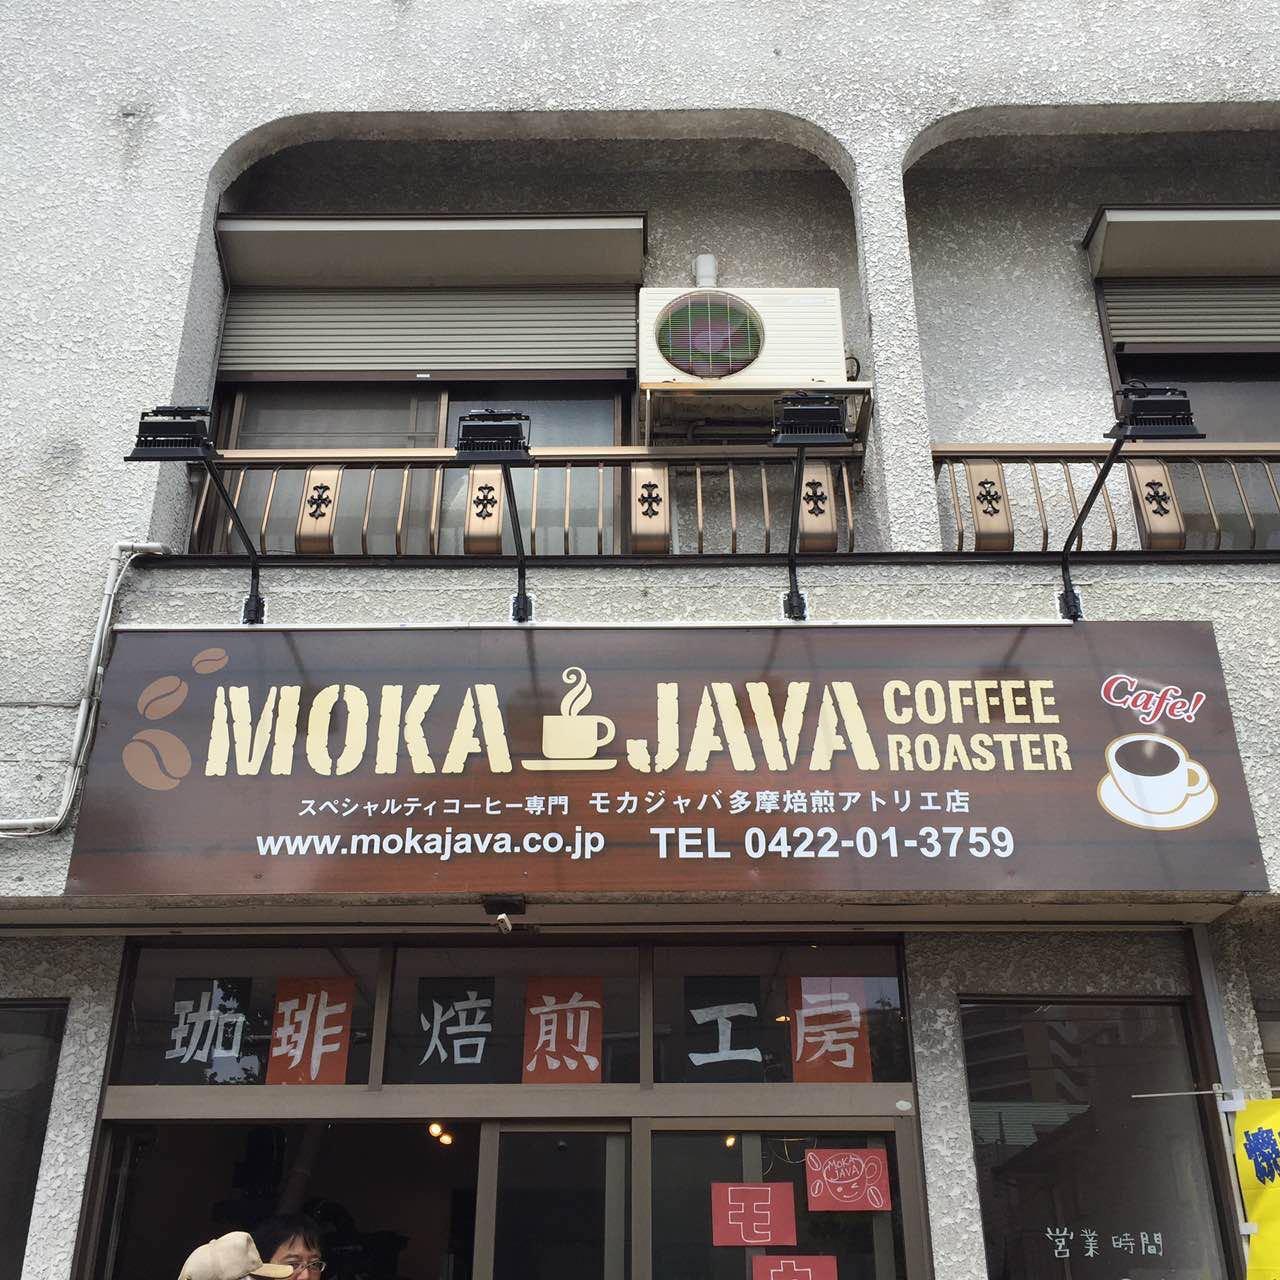 コーヒー屋さん プレート看板